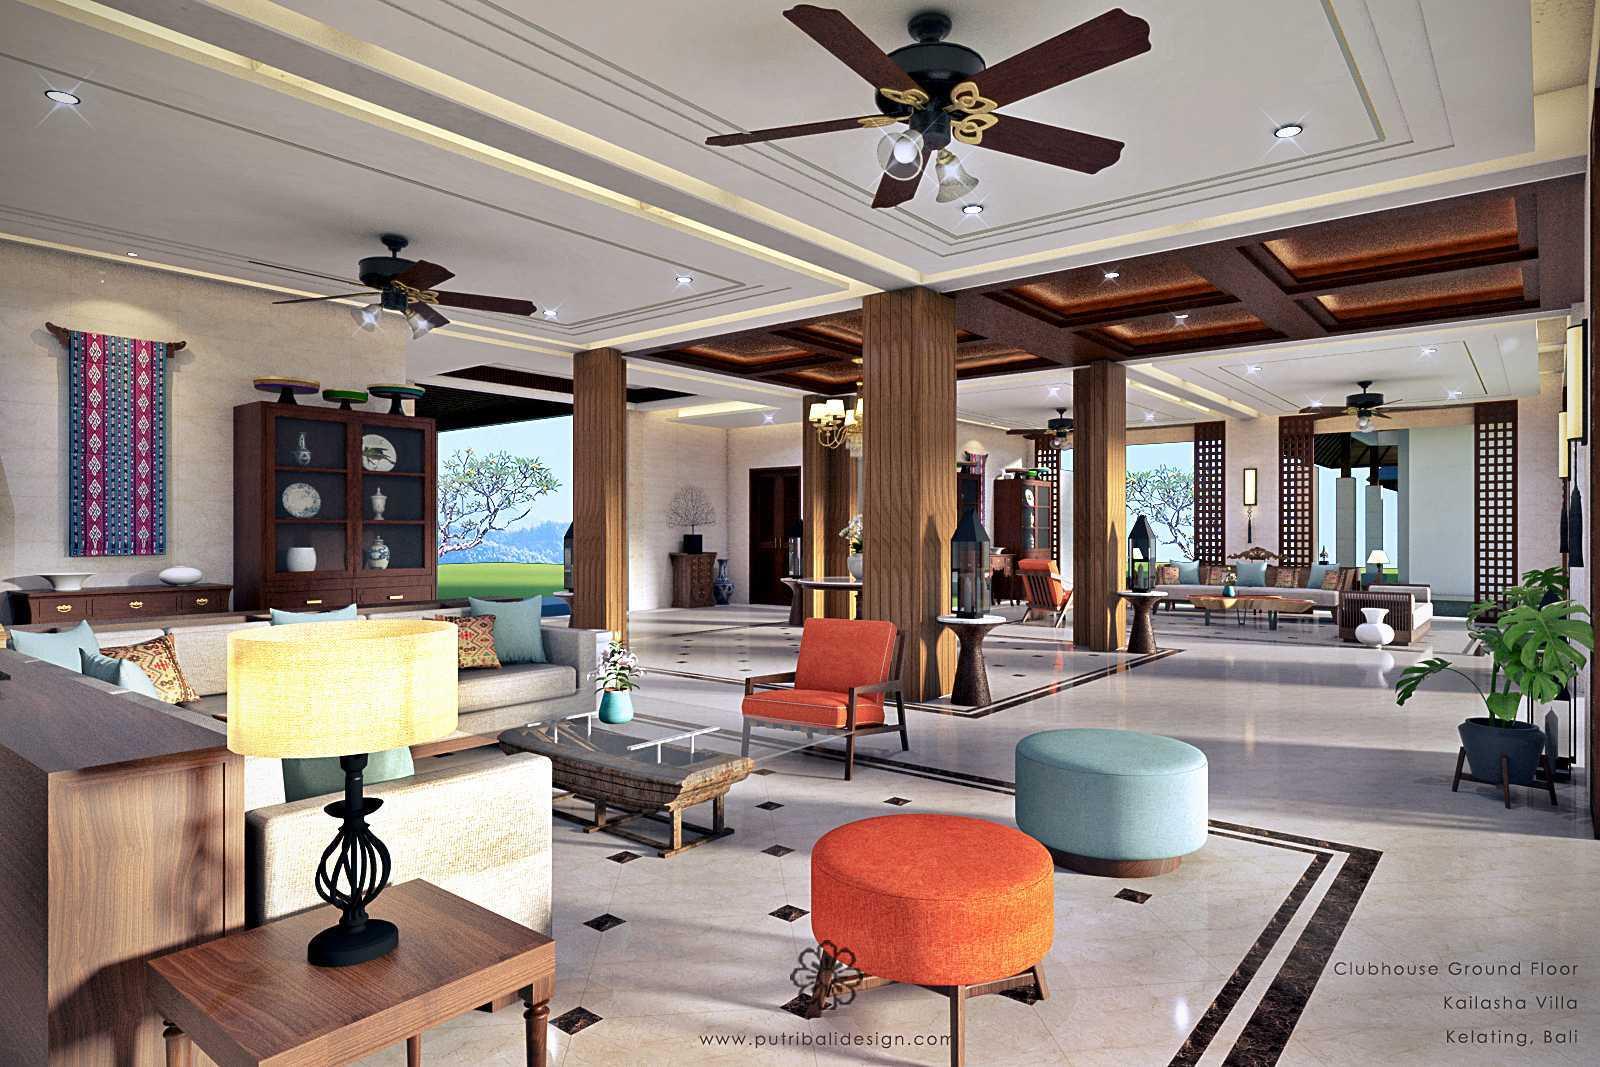 Putri Bali Design Kailasha Villa Kabupaten Tabanan, Bali, Indonesia Kabupaten Tabanan, Bali, Indonesia Putri-Bali-Design-Kailasha-Villa  86465